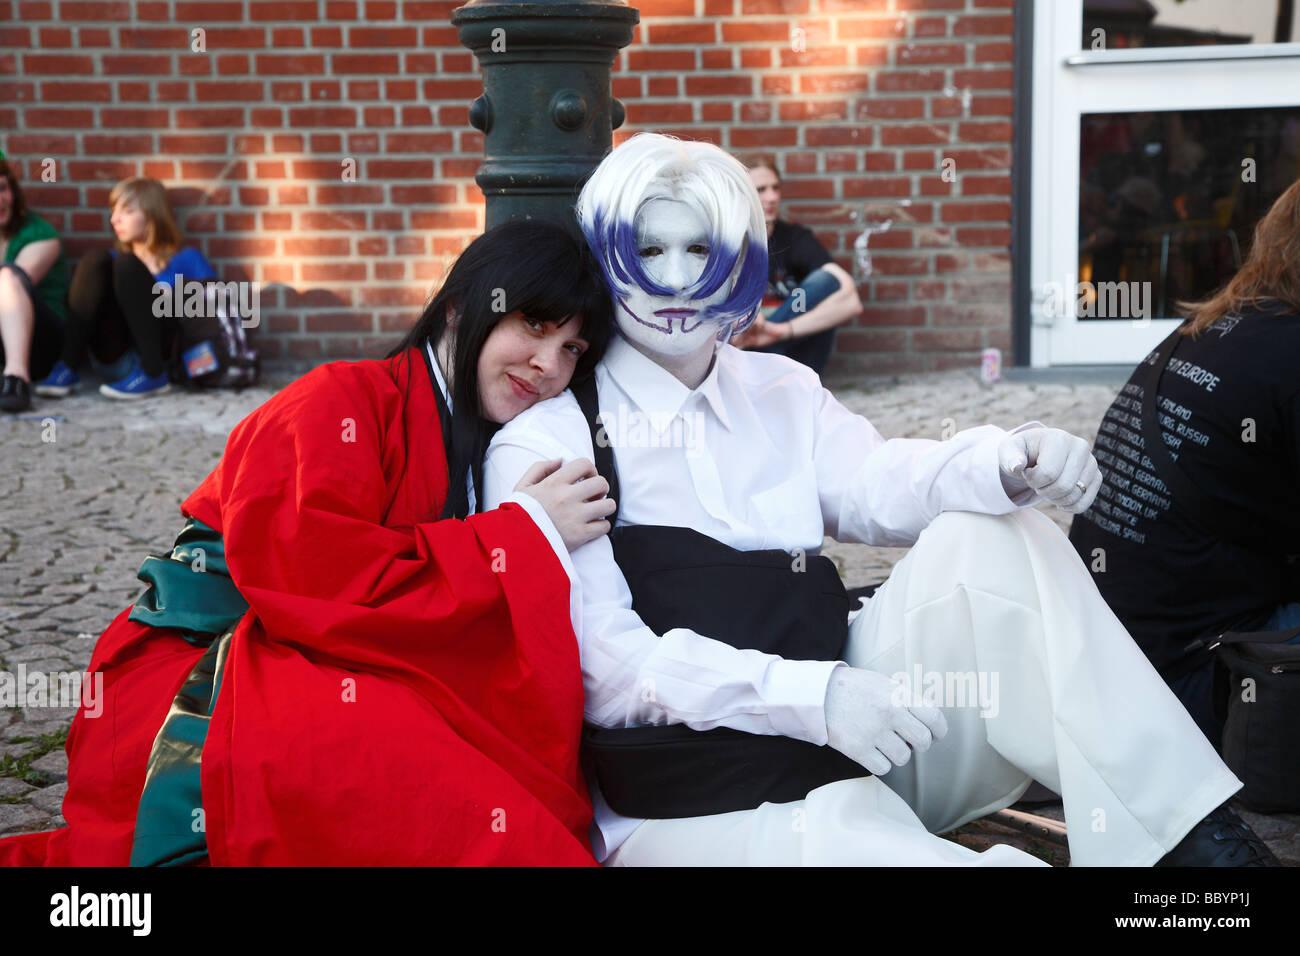 Giovani amanti in tradizionali abiti giapponesi sul Giappone giorno Tag Düsseldorf 2009 Immagini Stock